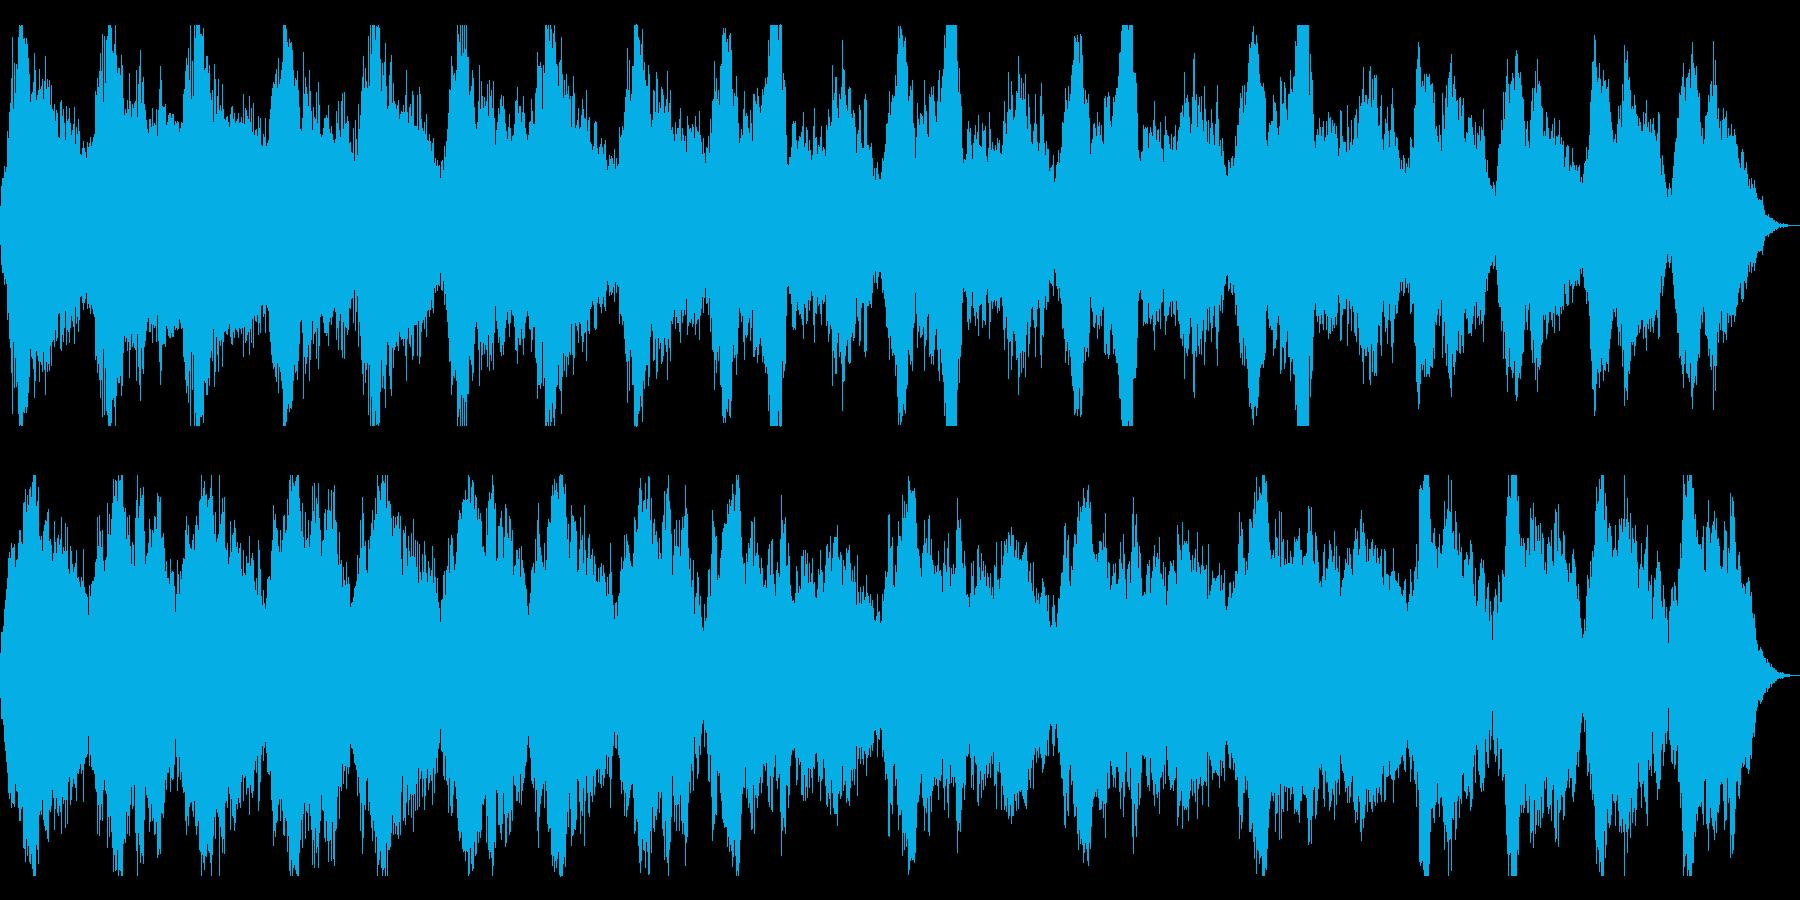 ホラー向け ミステリアスなストリングスの再生済みの波形